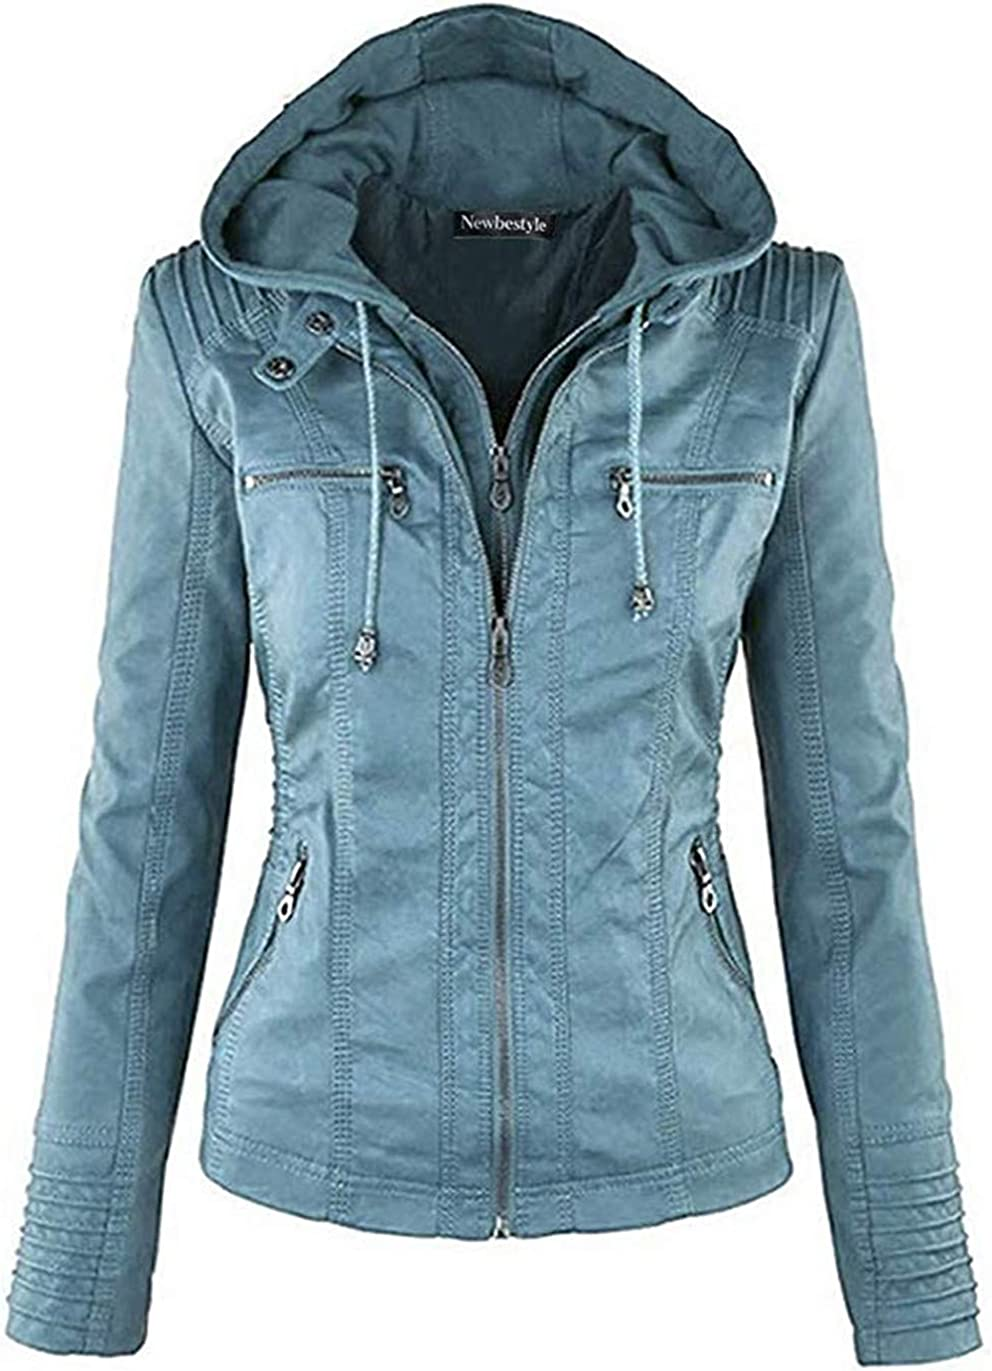 Newbestyle Jacke Damen Lederjacke Frauen Kunstlederjacke Damen mit Zip Normale EU-Gr/ö/ße